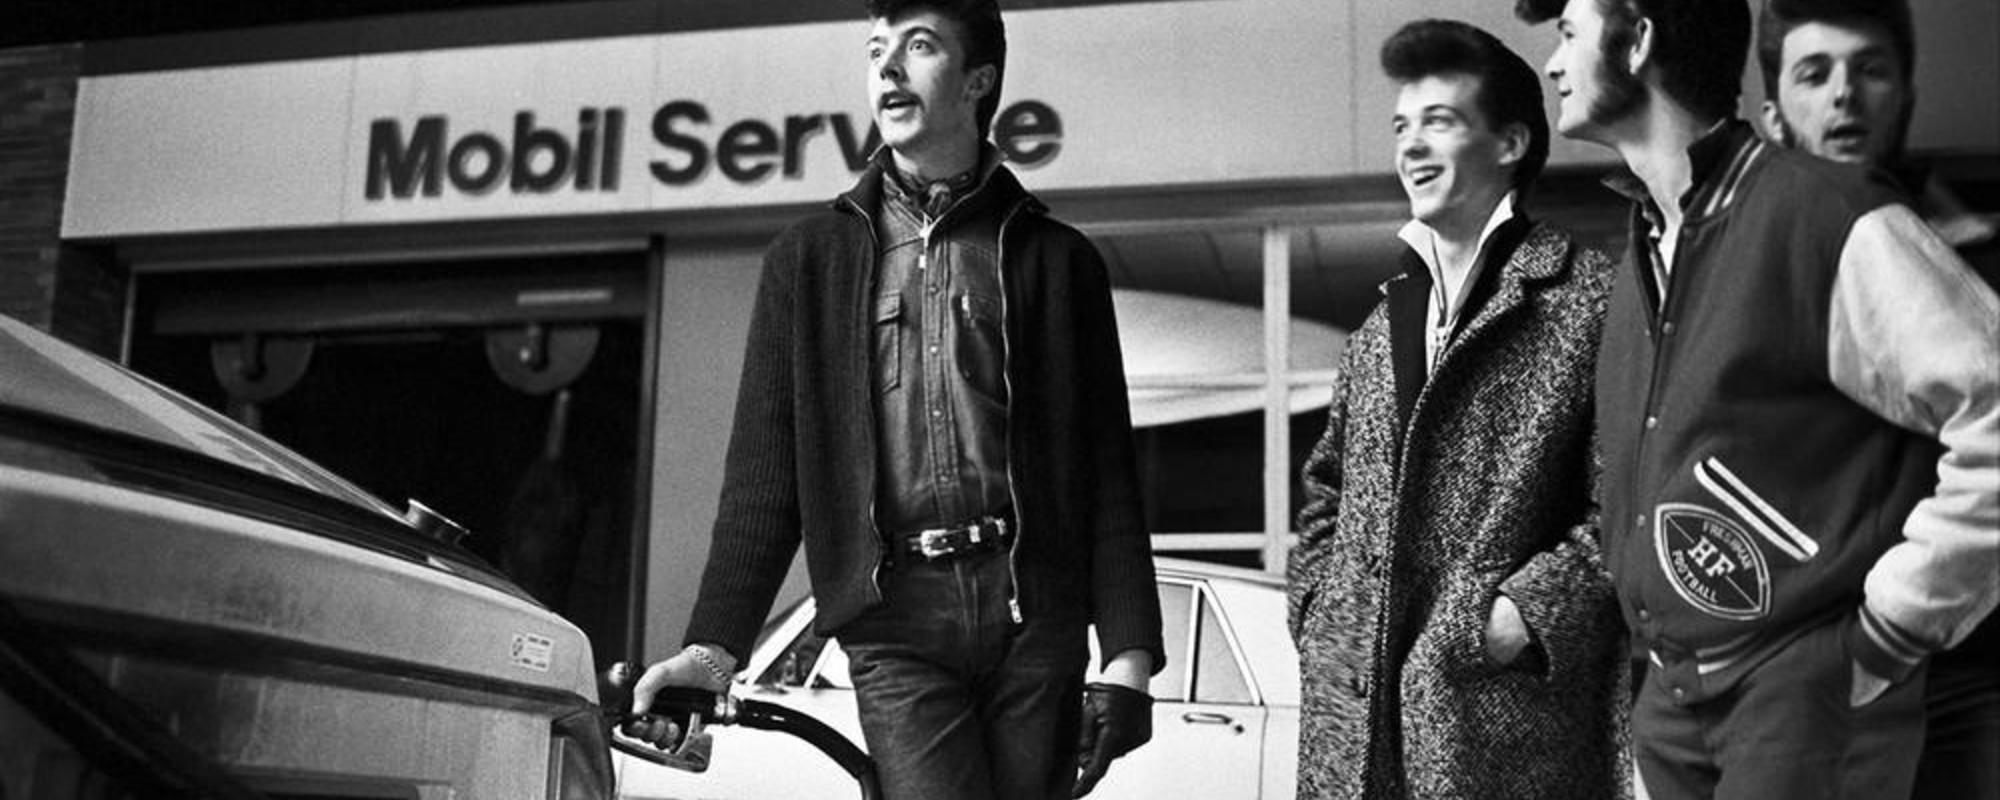 Estes rockabillies franceses dos anos 80 amavam a América